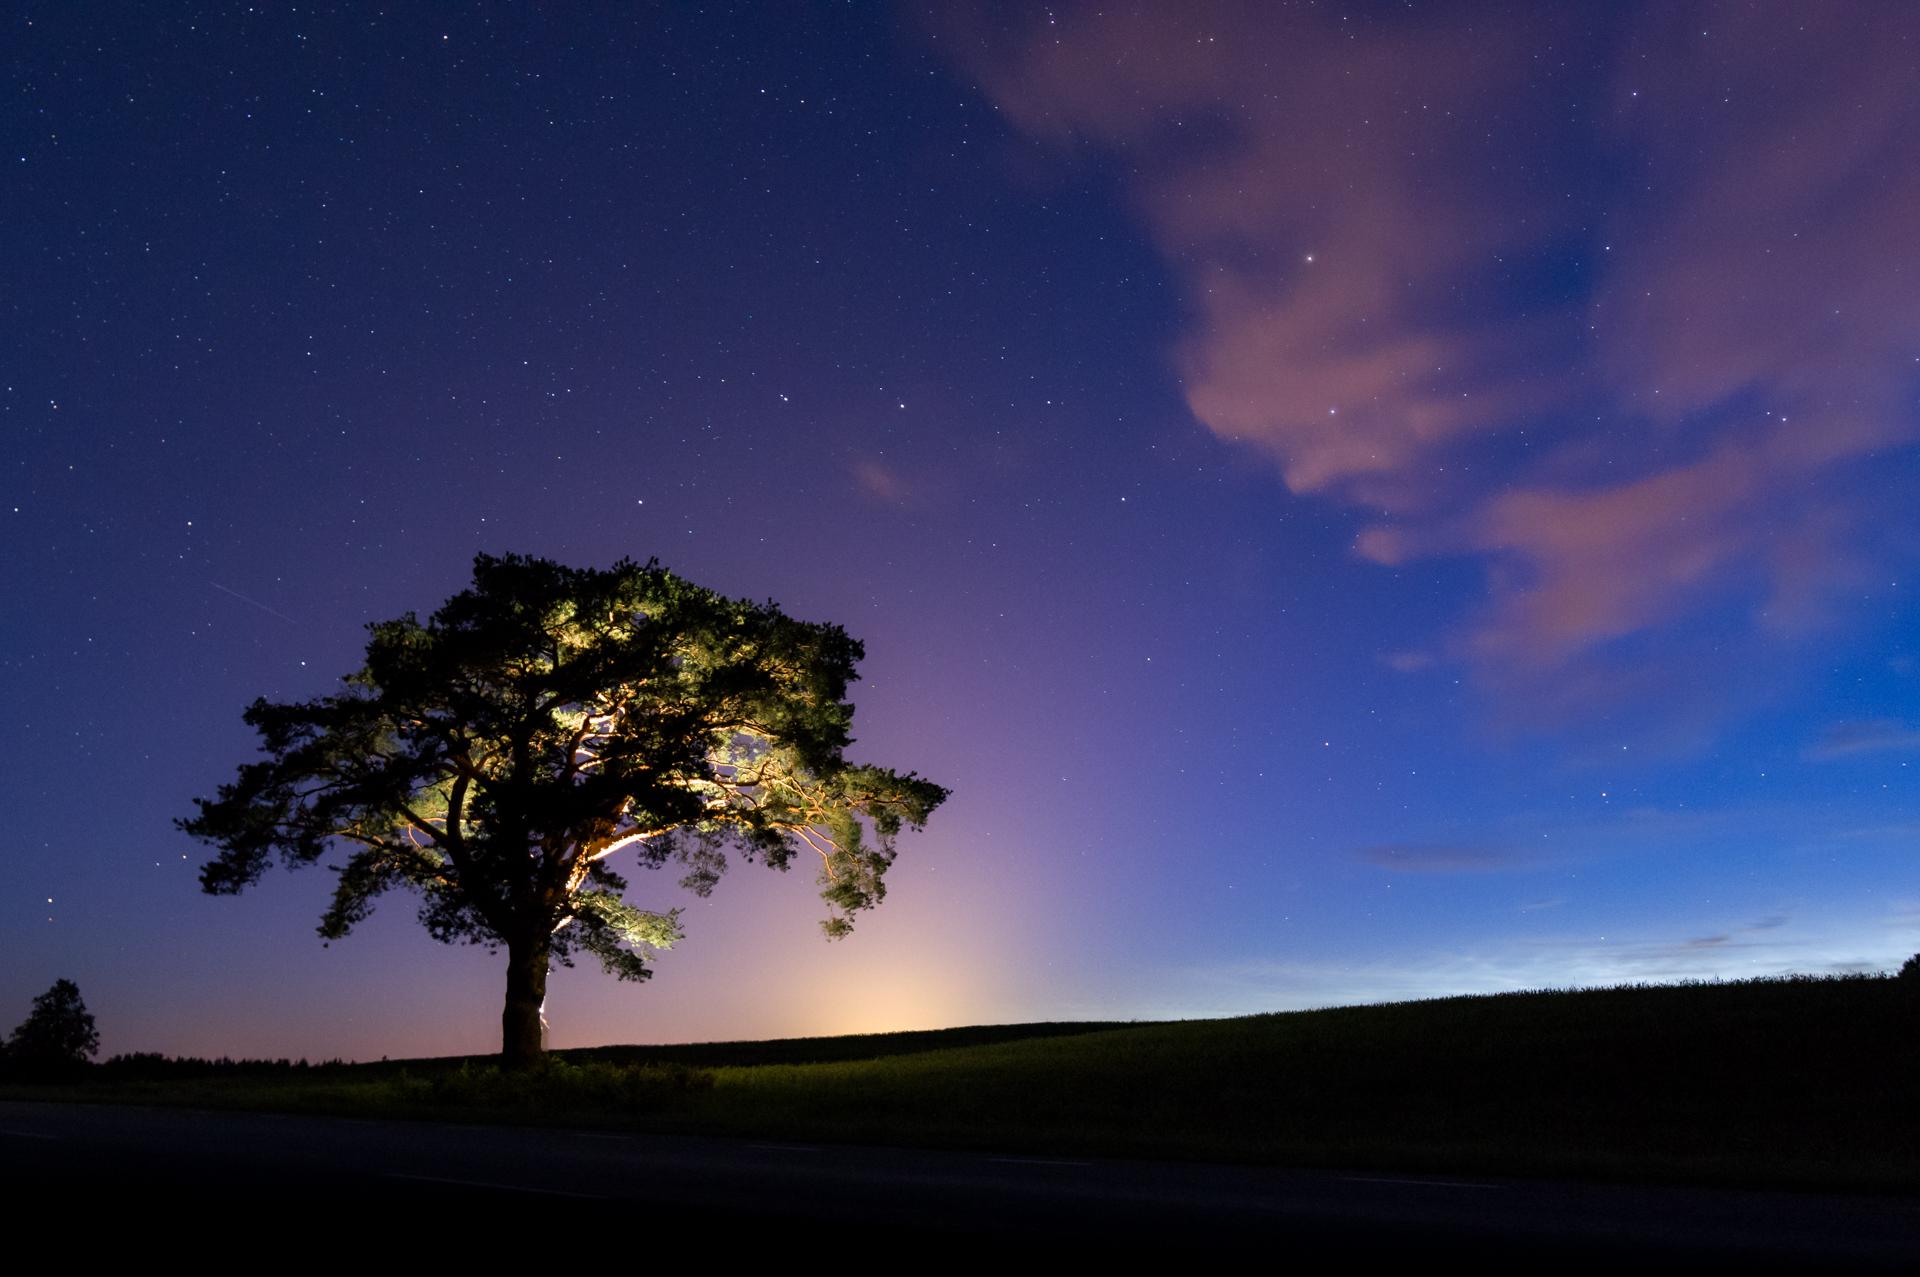 Pimedas pildistama: Ööfotograafia kursus ainult loetud päevad 10€ soodsamalt